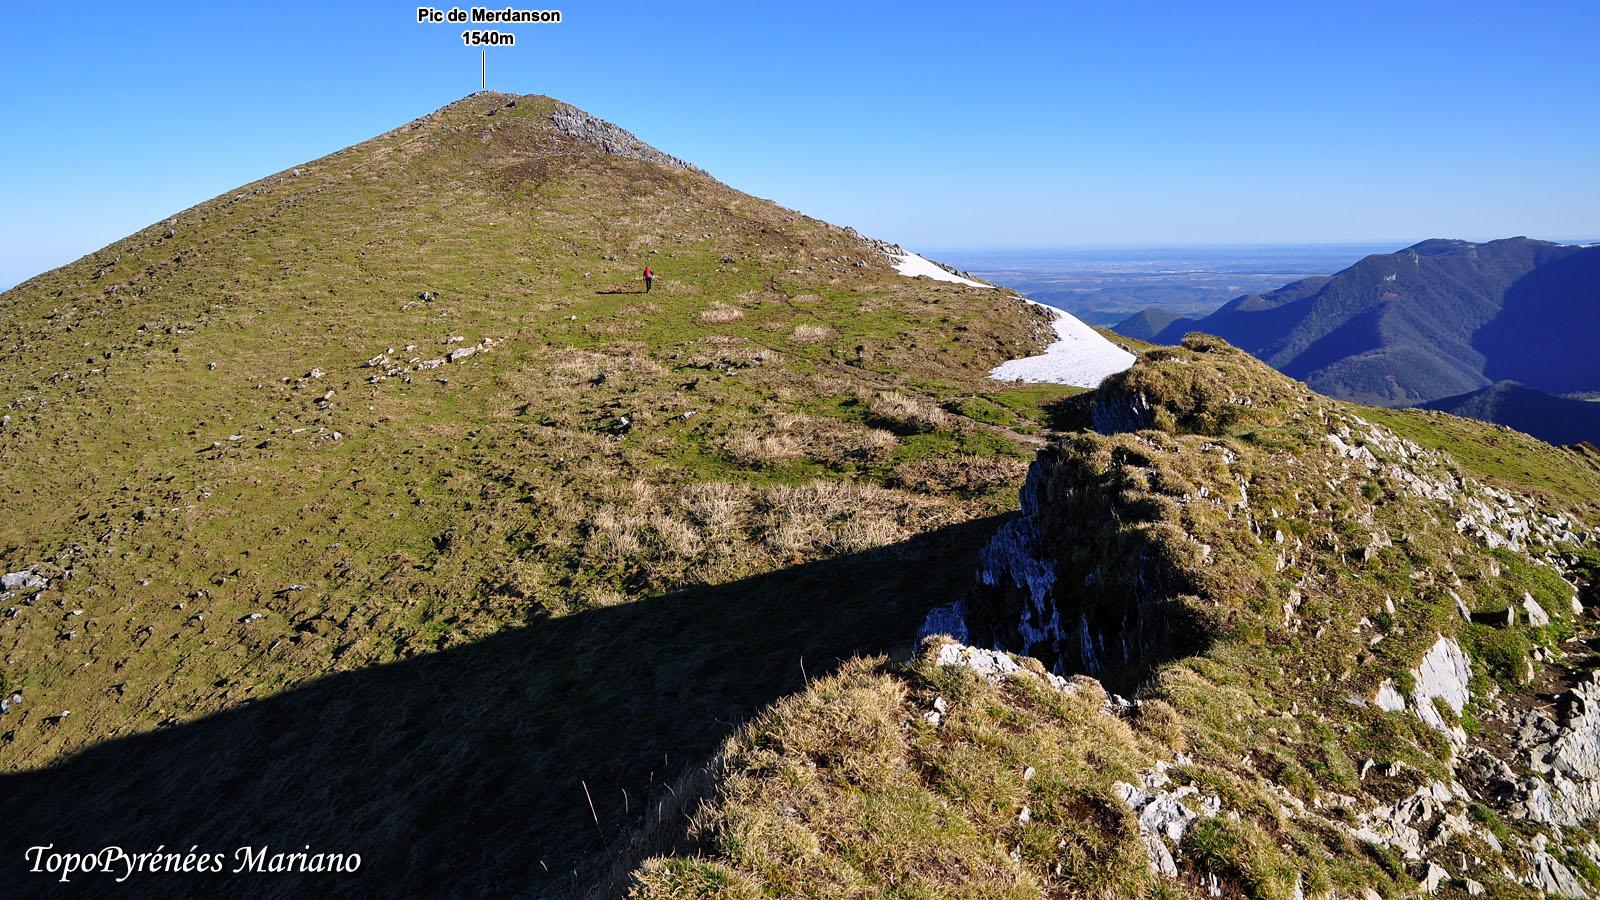 Randonnée Pic de Merdanson (1540m)